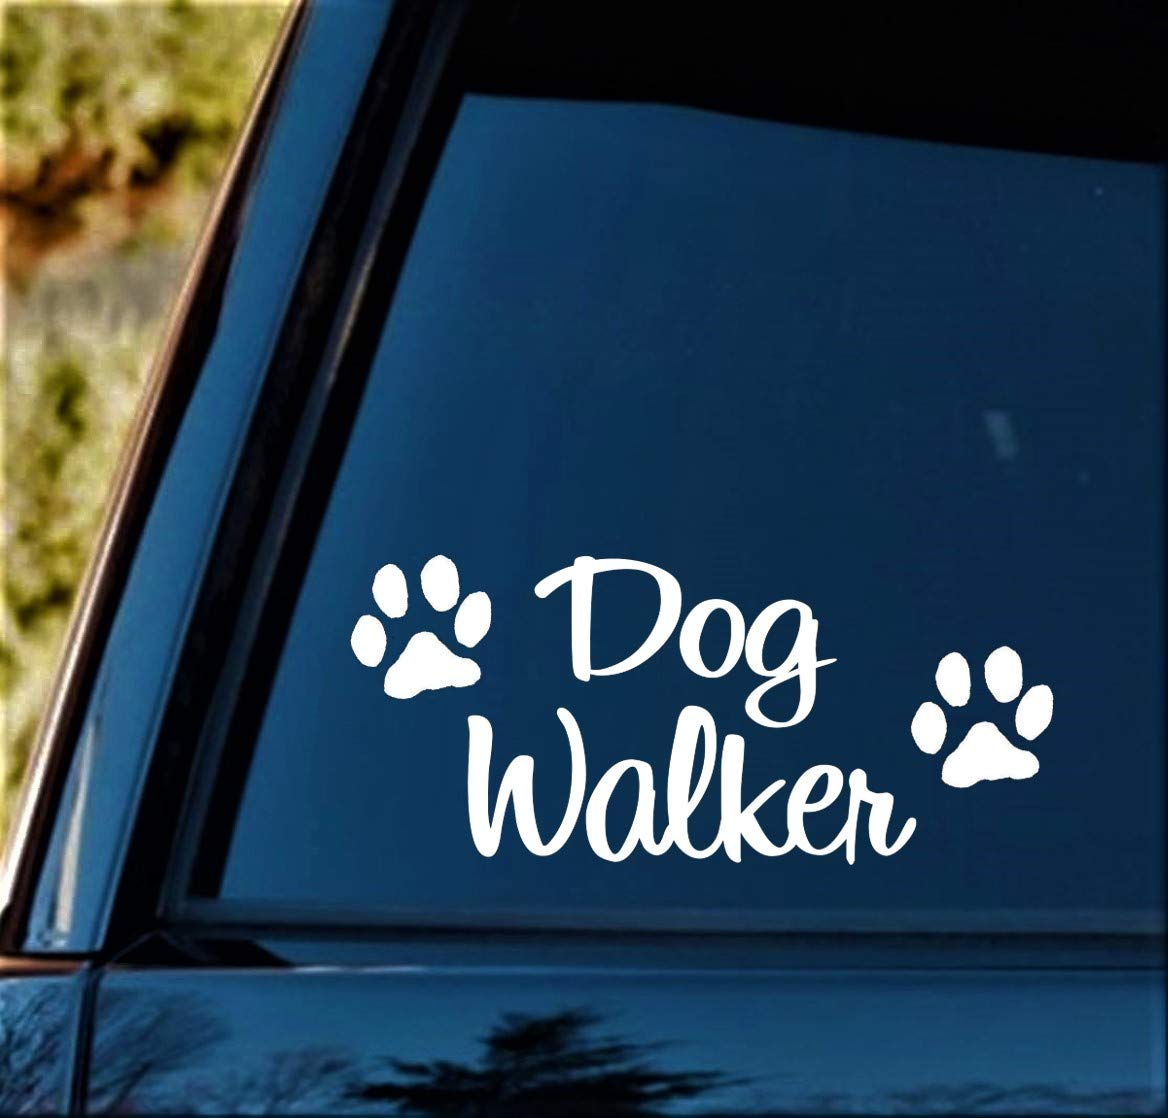 Dog Walker Decal Sticker for Car Window 8 Inch BG 405